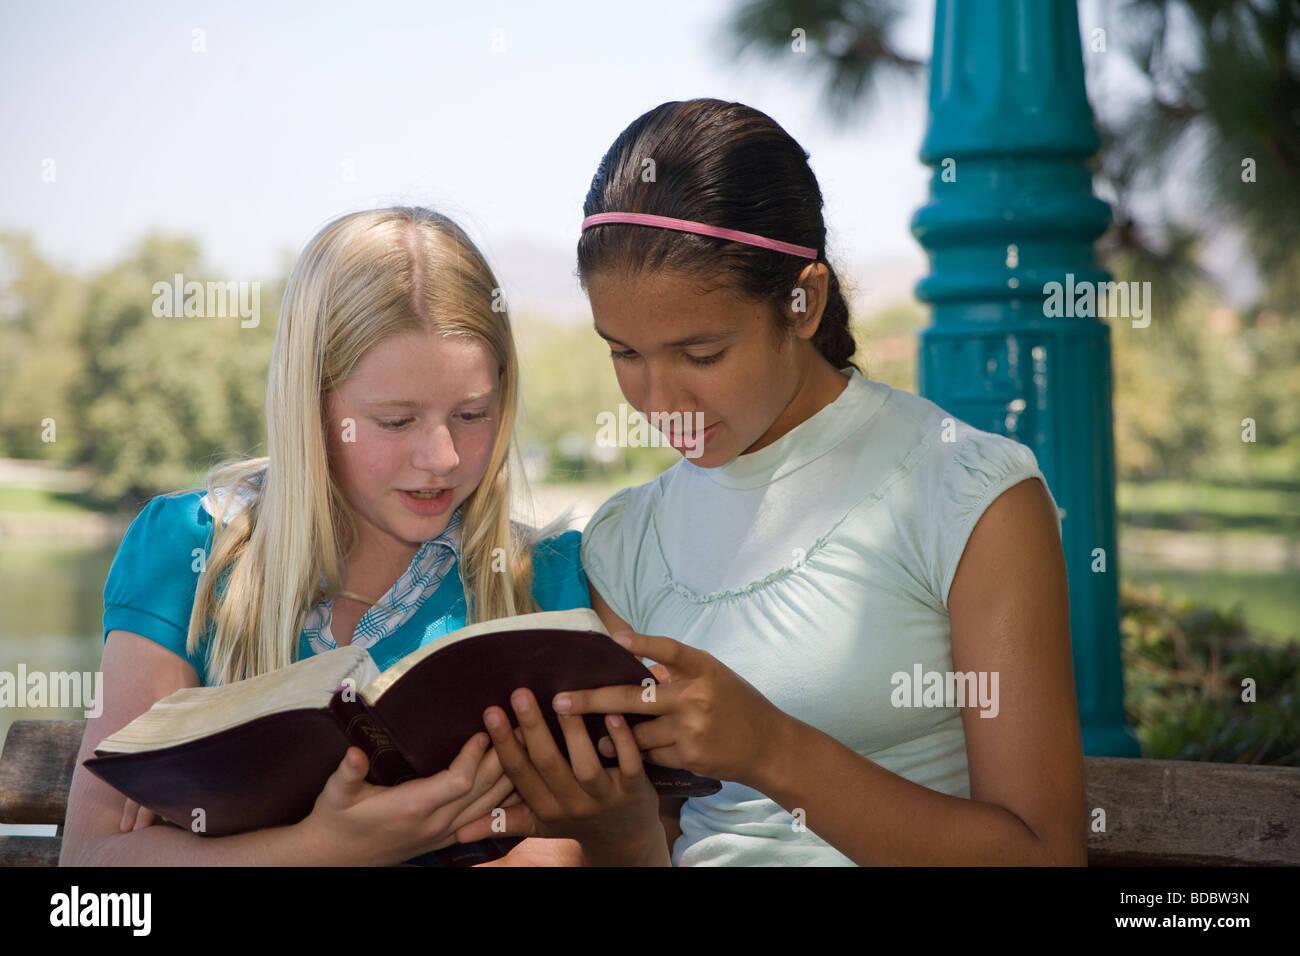 Deux filles racialement mixtes 2 lecture la diversité ethnique Caucasien hispanique discuter Bible naturel Photo Stock